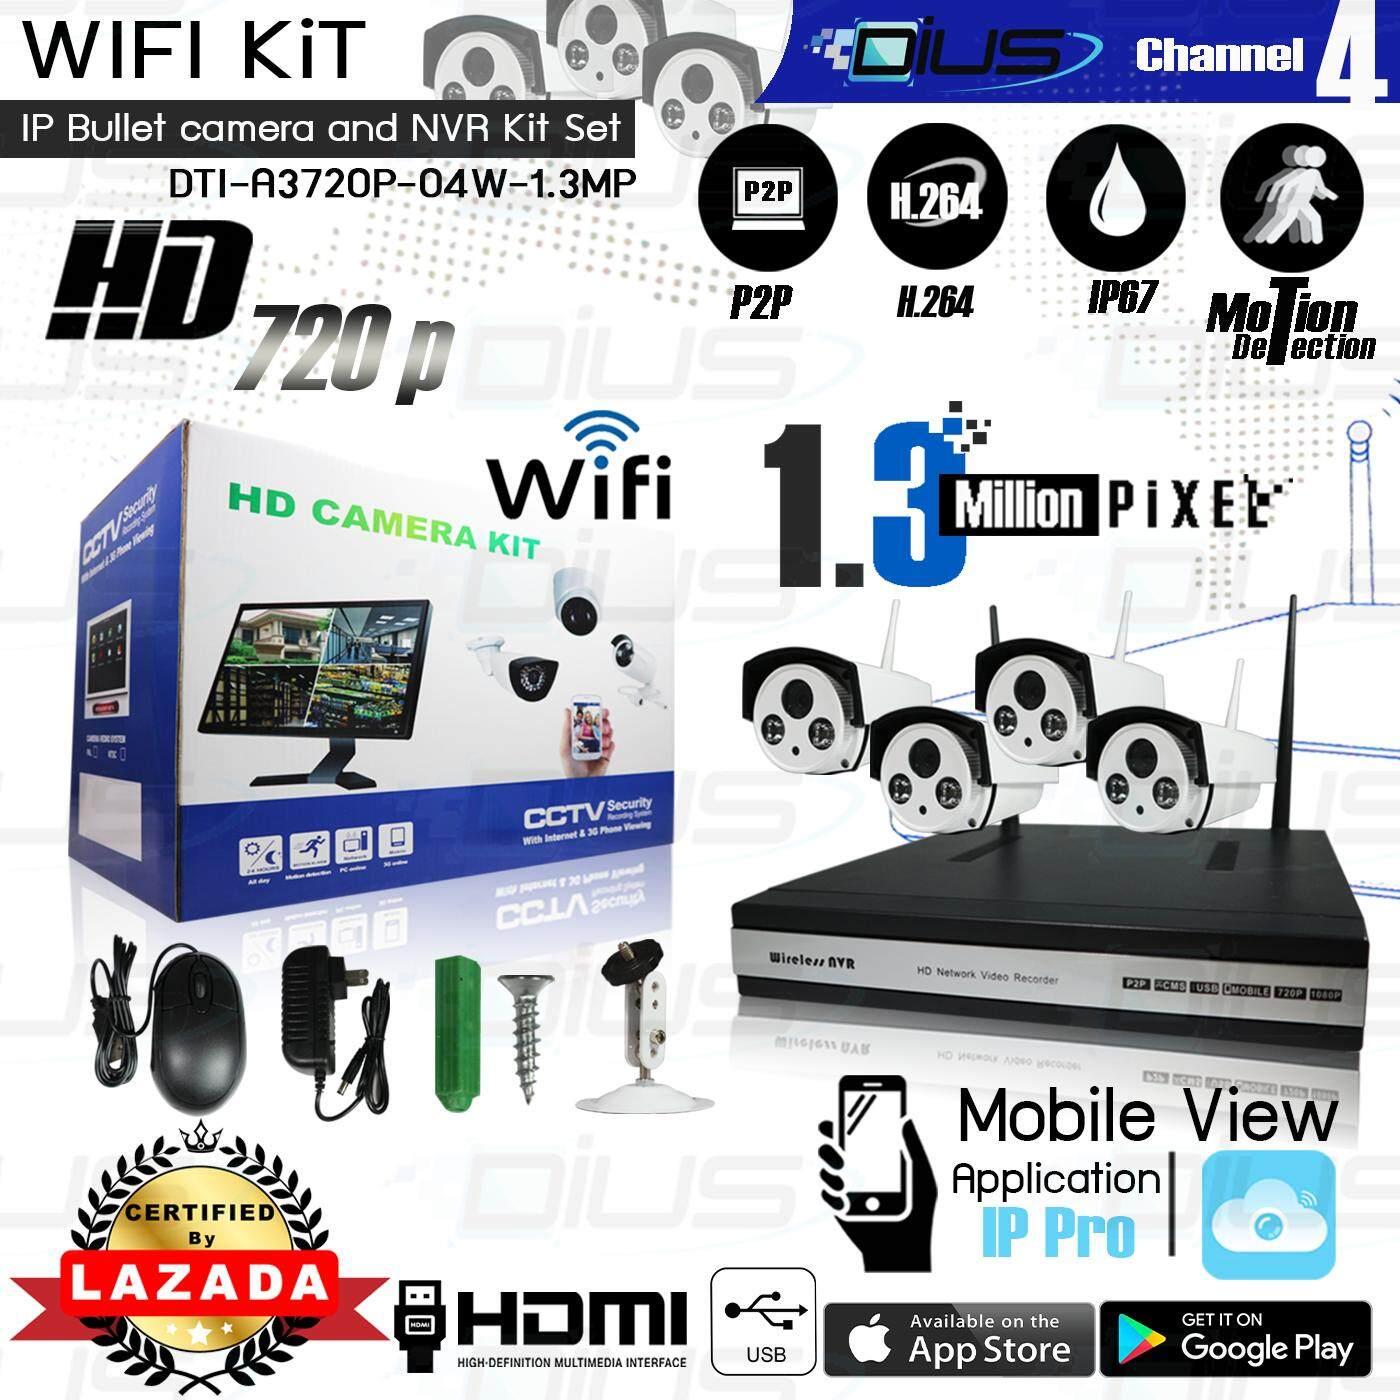 รีวิวจาก Pantip ชุดกล้องวงจรปิด 4CH Wifi Kit Set 1.3 MP / ล้านพิกเซล กล้อง IP ทรงกระบอก 4 ตัว เลนส์ 3.6mm HD 720p อินฟราเรด Array ใหม่ล่าสุด Night Vision / Day&Night พร้อมเครื่องบันทึก 4CH NVR (Network Video Recorder) HD 720p / Full HD 1080P ทนแดด ทนฝน